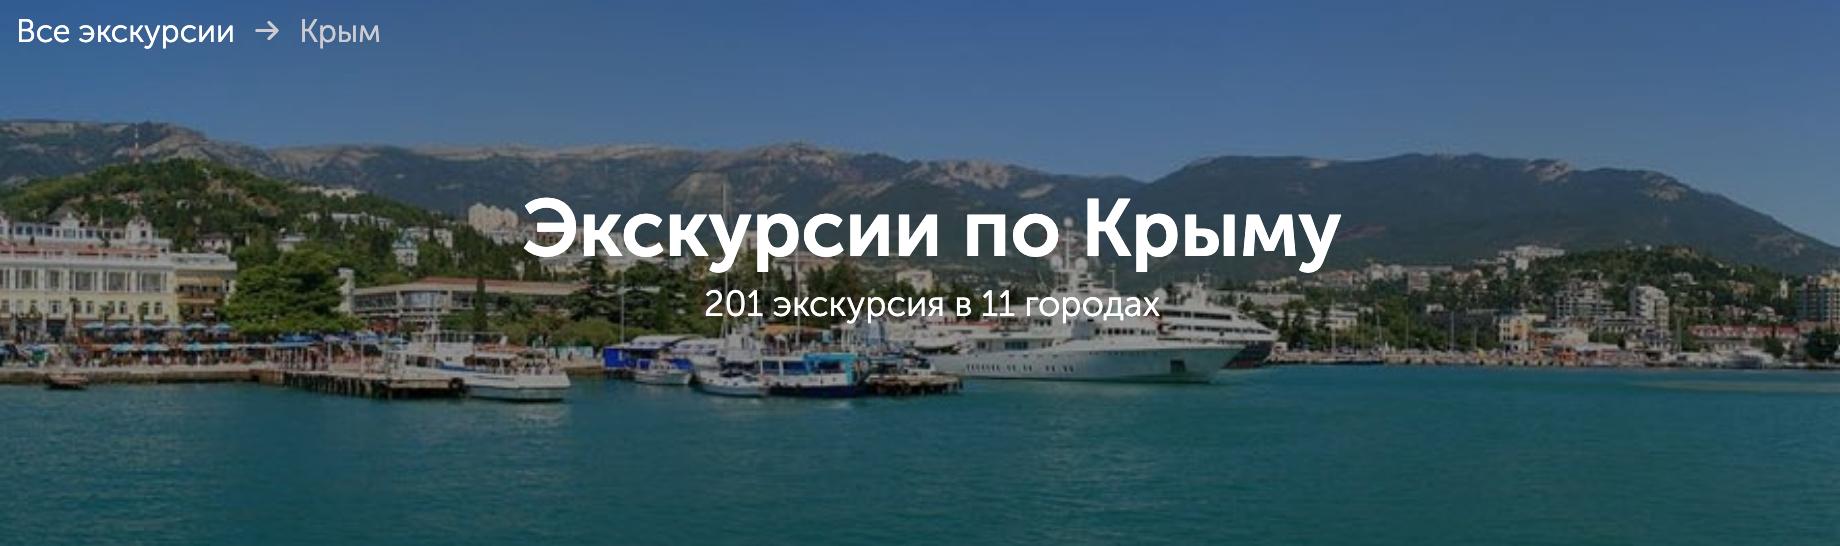 От Москвы до Крыма на машине сколько километров? На авто расстояние через Керченский мост